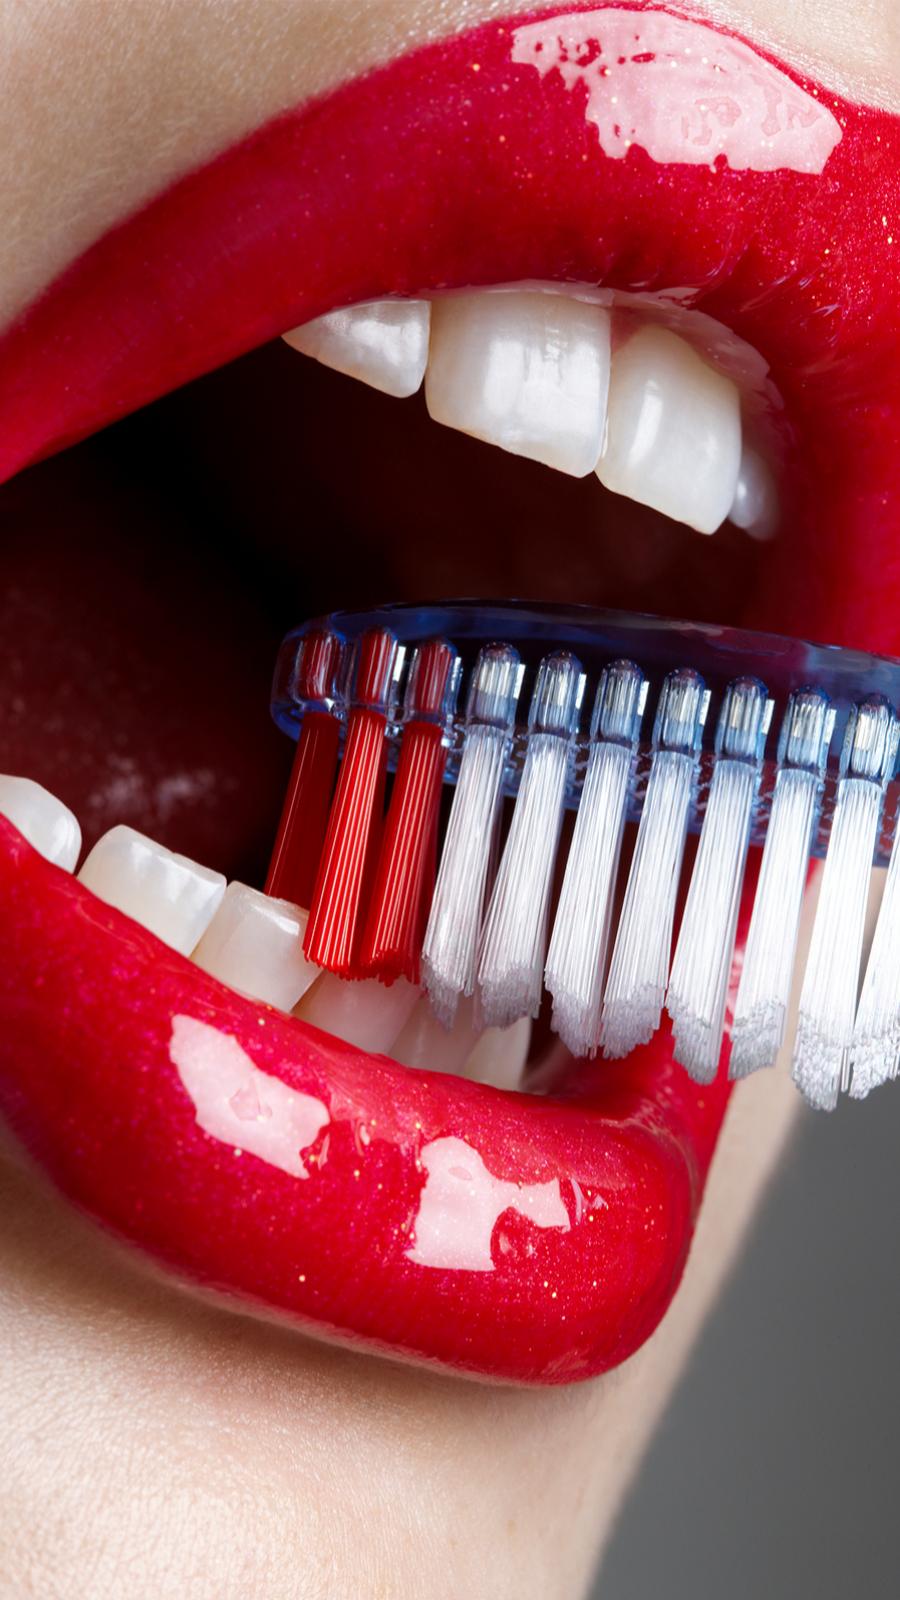 La boca es un importante foco de infecciones.